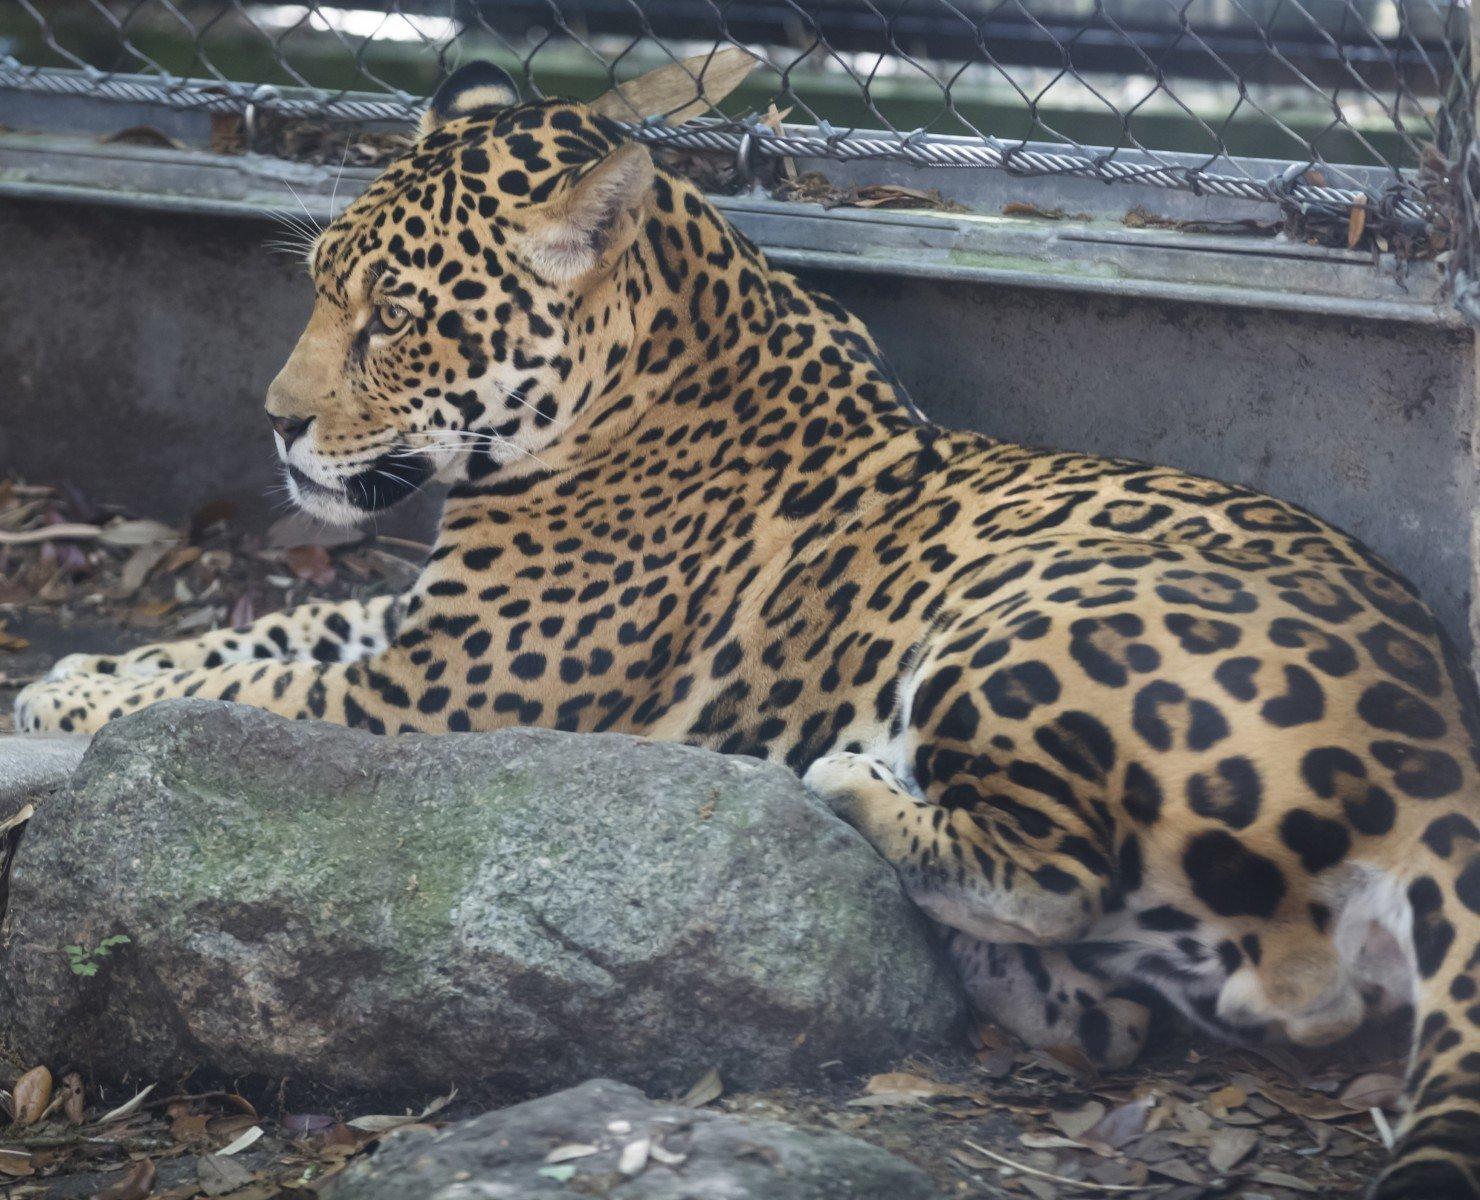 Escaped jaguar Valerio